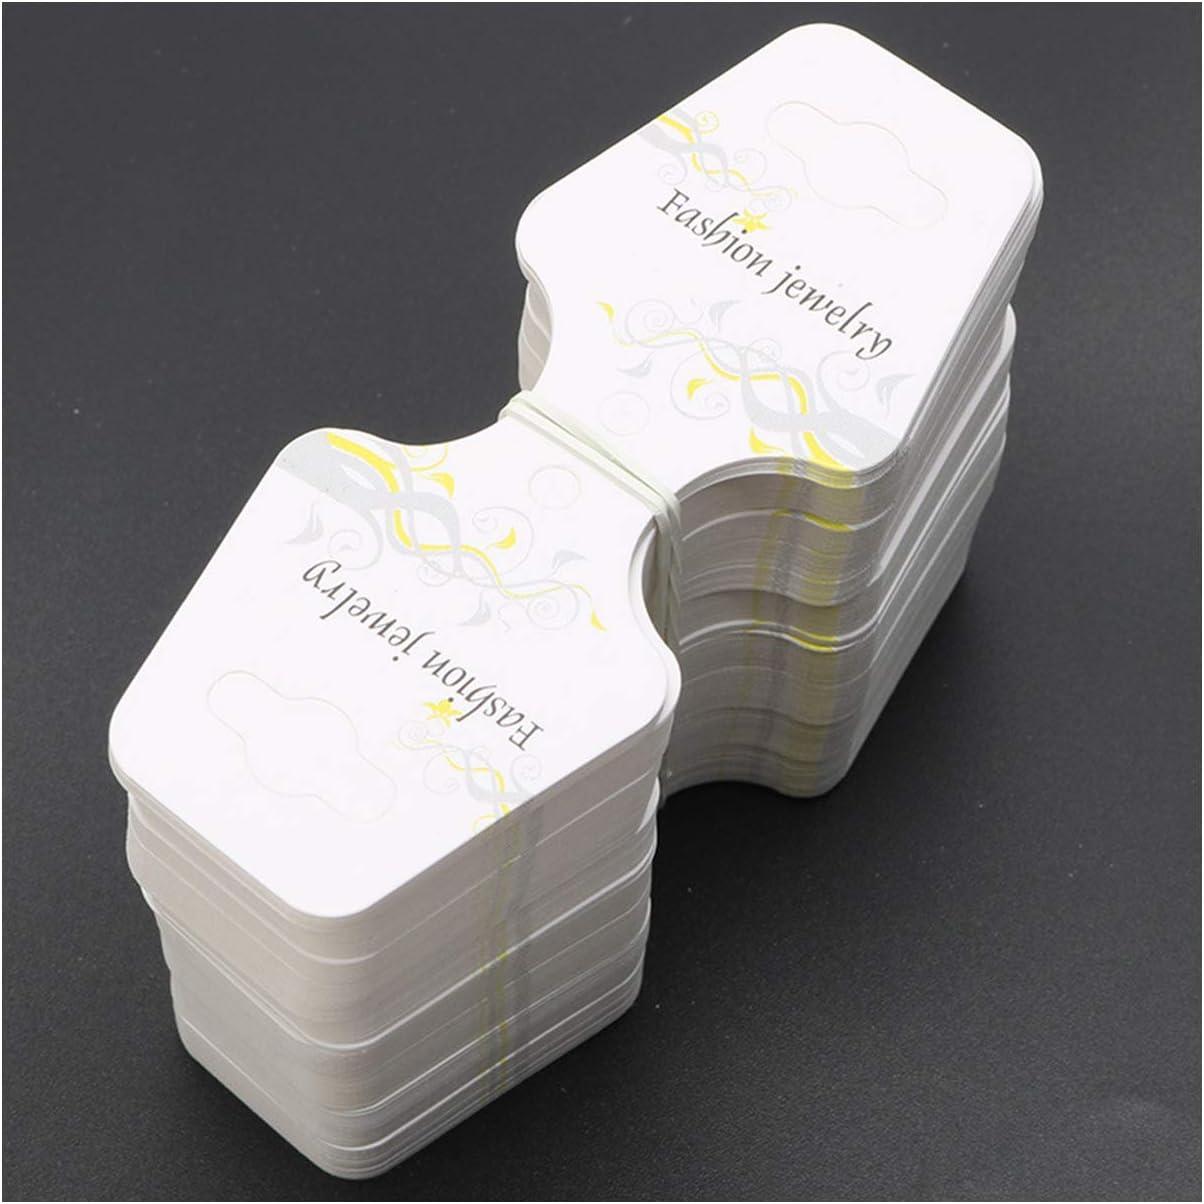 nuolux 100pcs regalo colgante papel kraft tarjeta gratinar vaciado marrones D/ía boda gunst regalo D/ía DIY D/ía equipaje D/ía Precio Etiquetas Papel